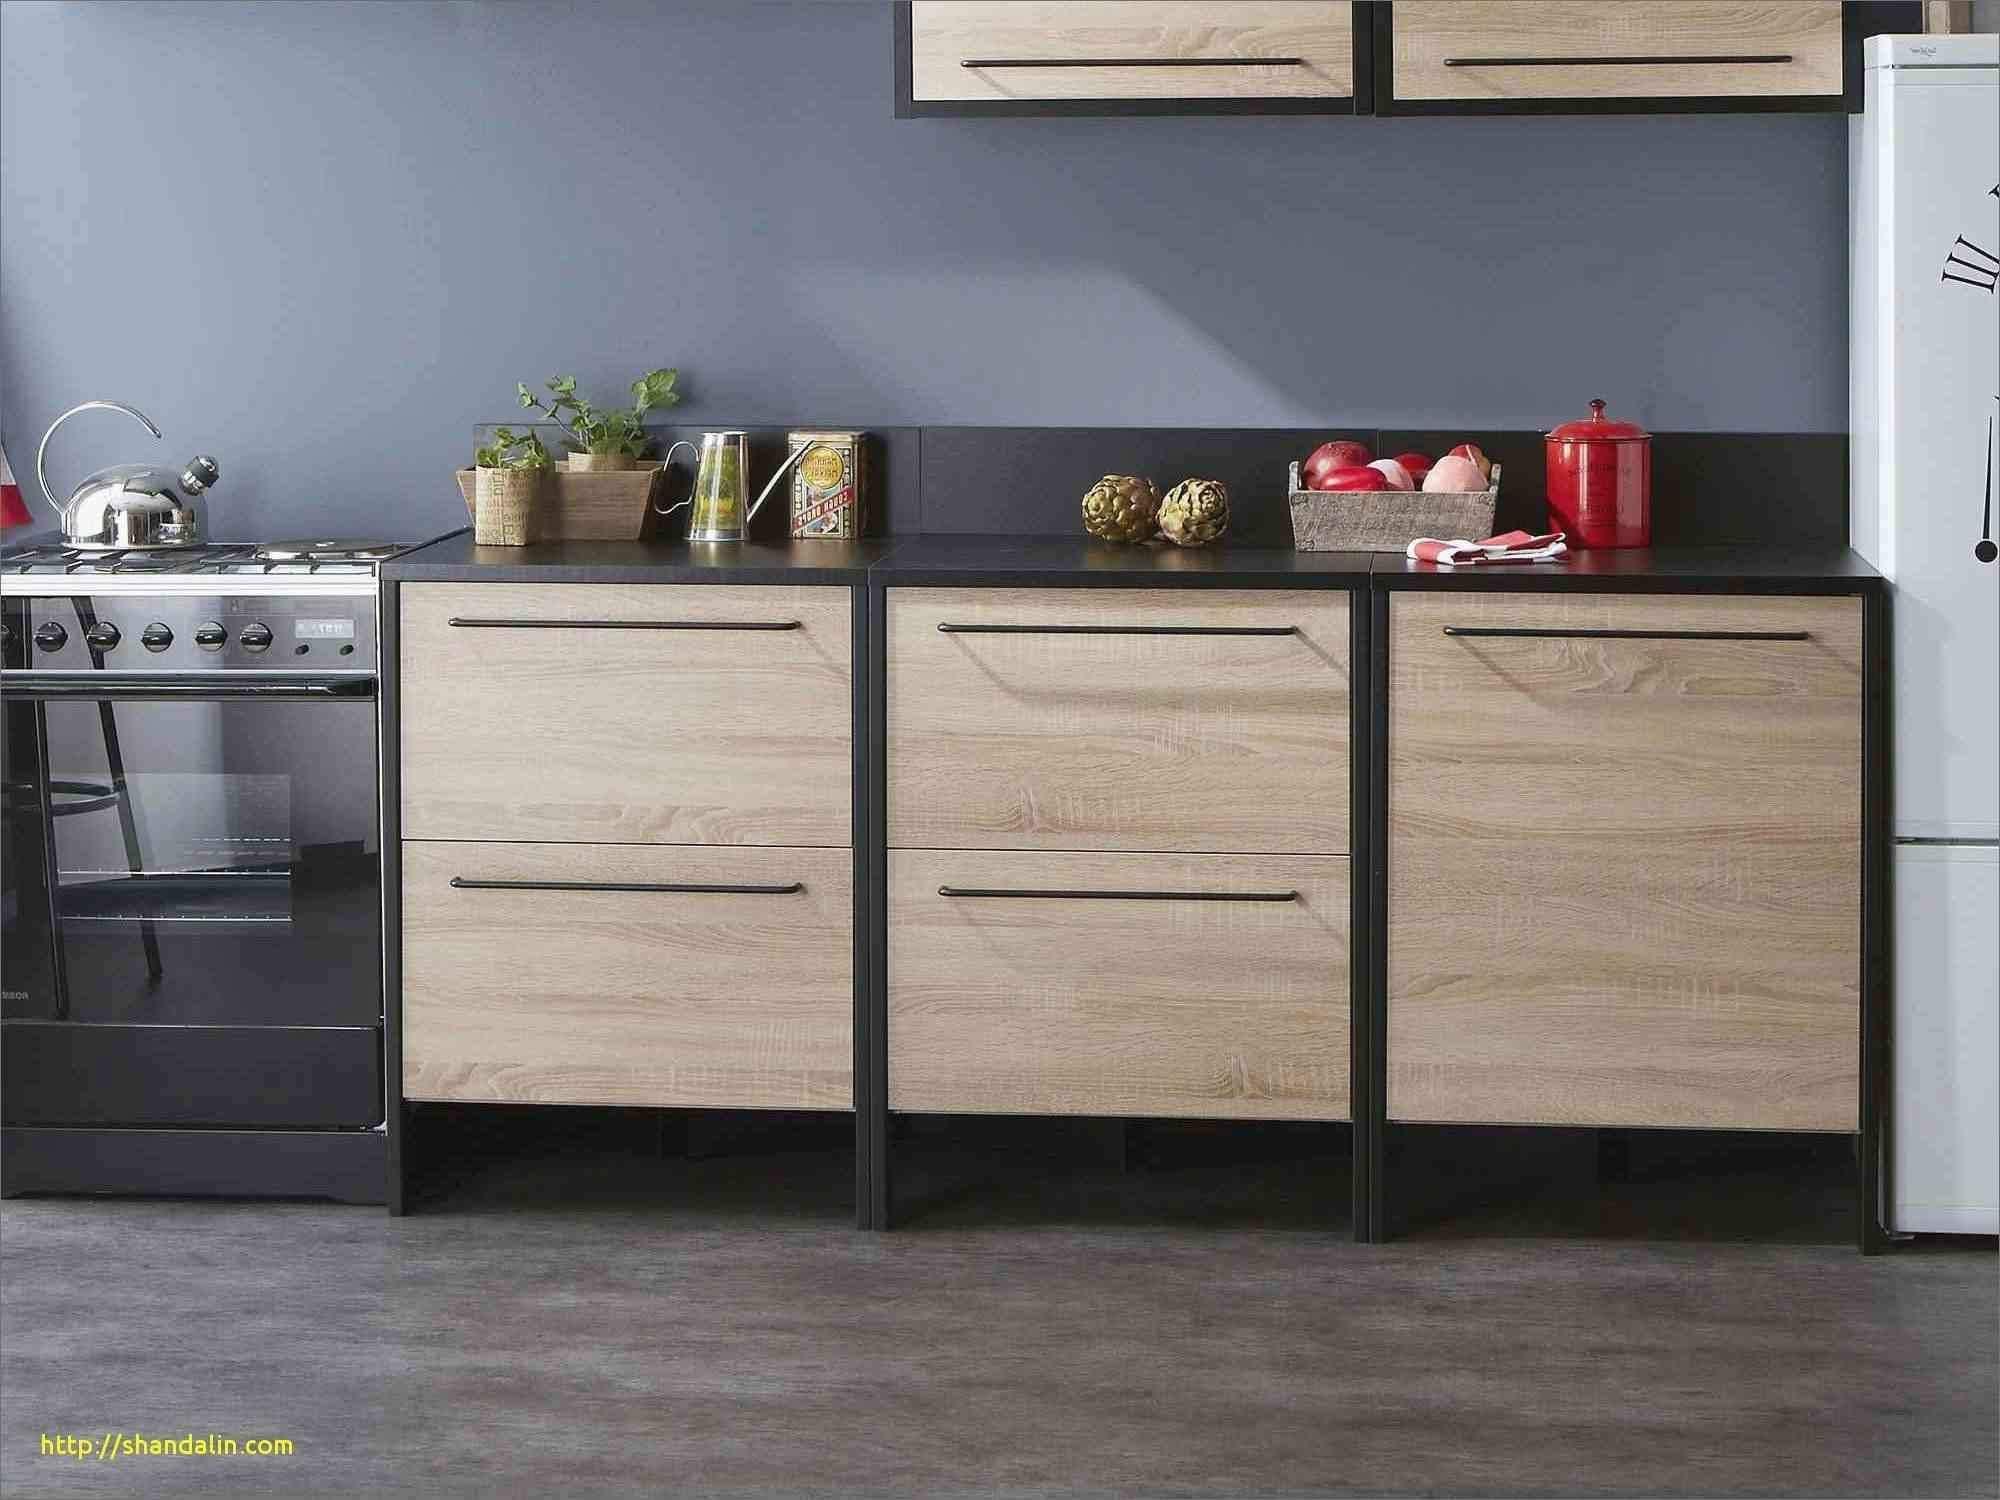 meuble pas cher meuble de rangement design pas cher meubles tele design meuble bas of meuble pas cher